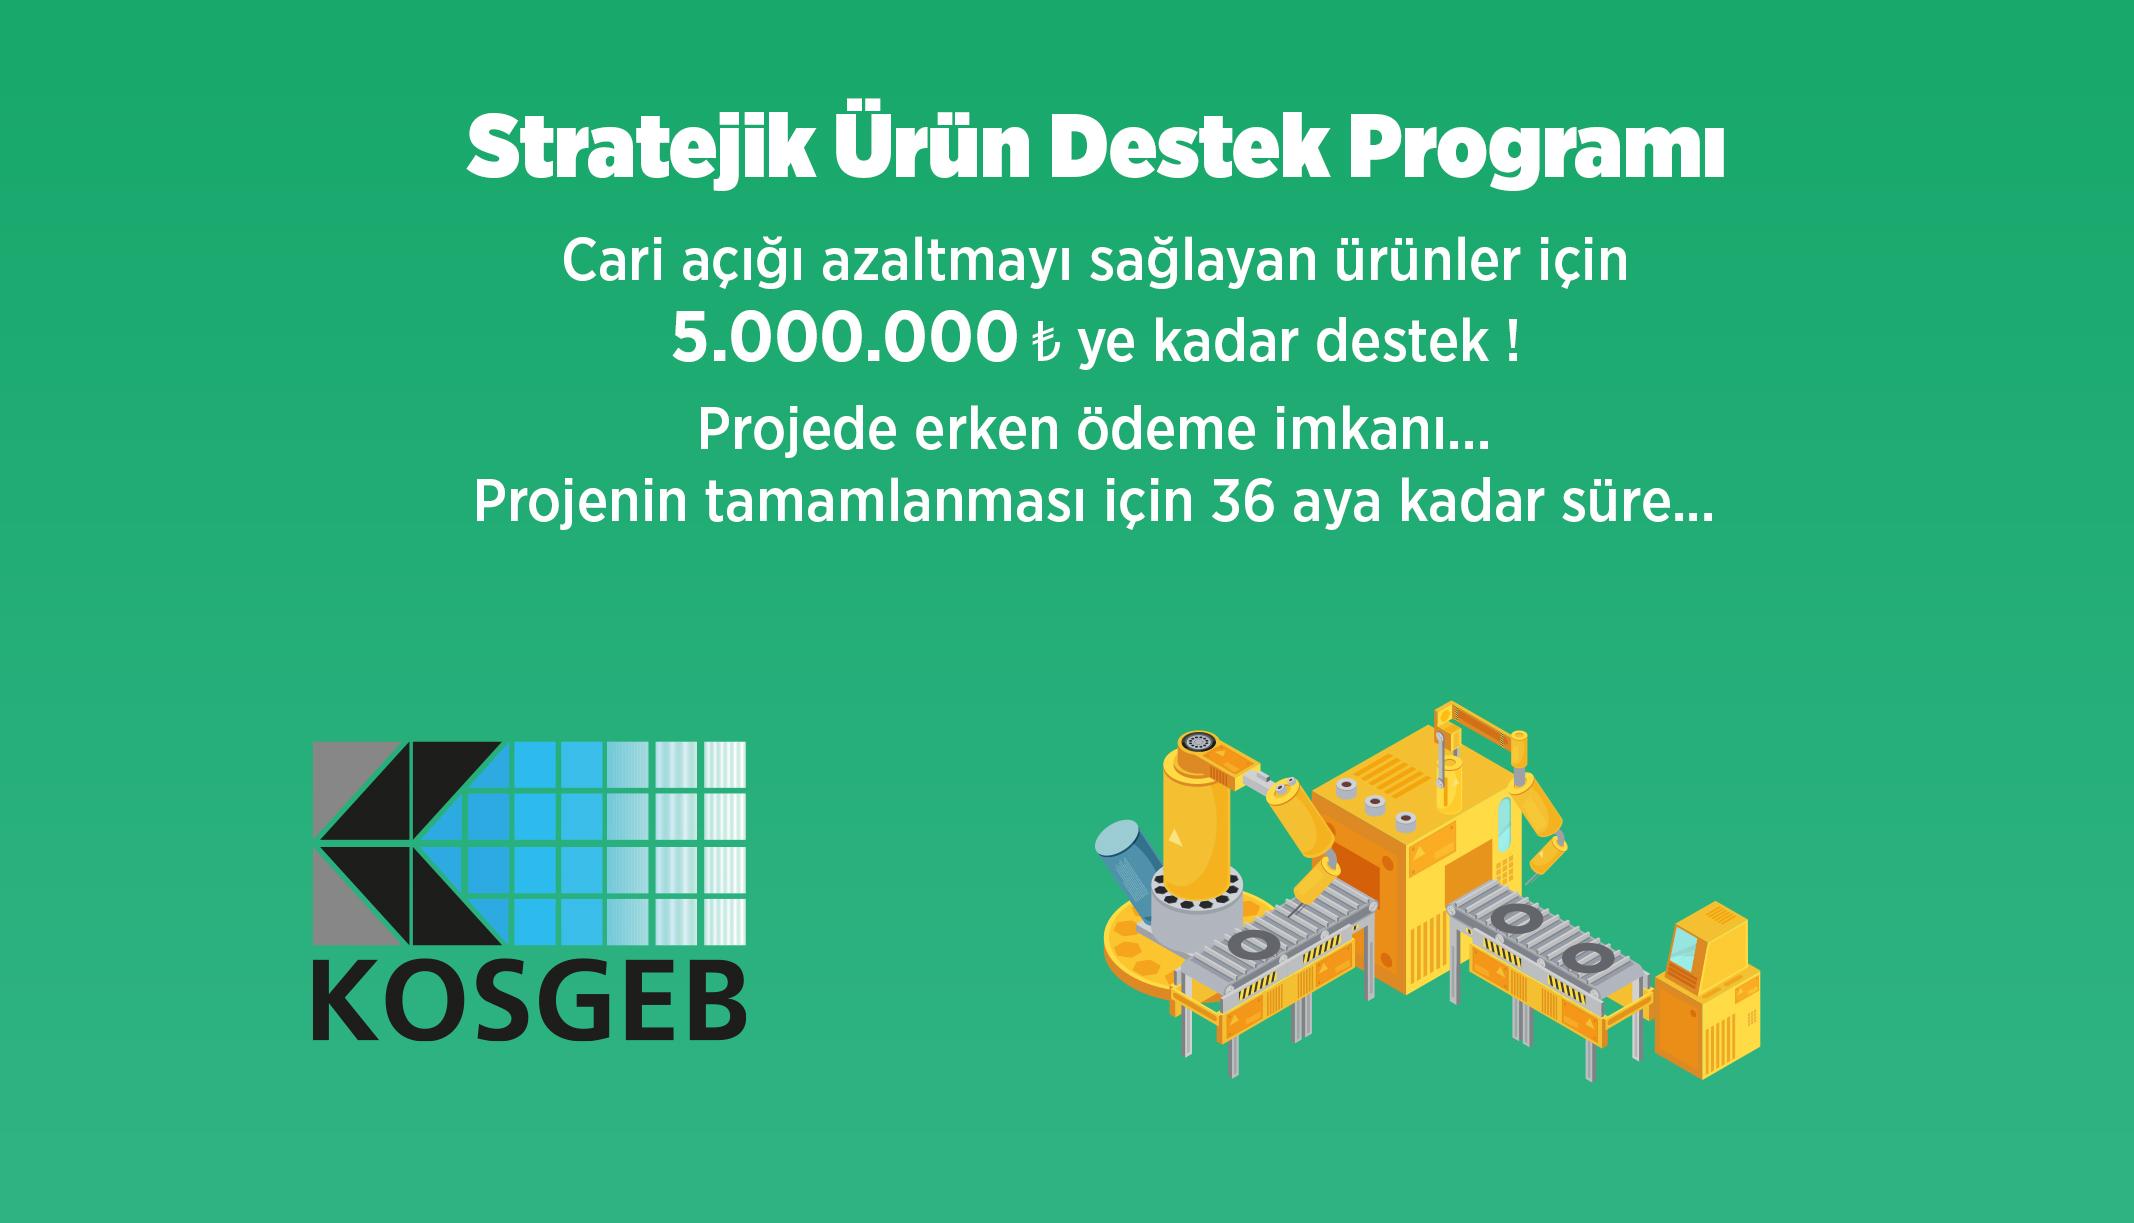 Stratejik Ürün Destek Programı